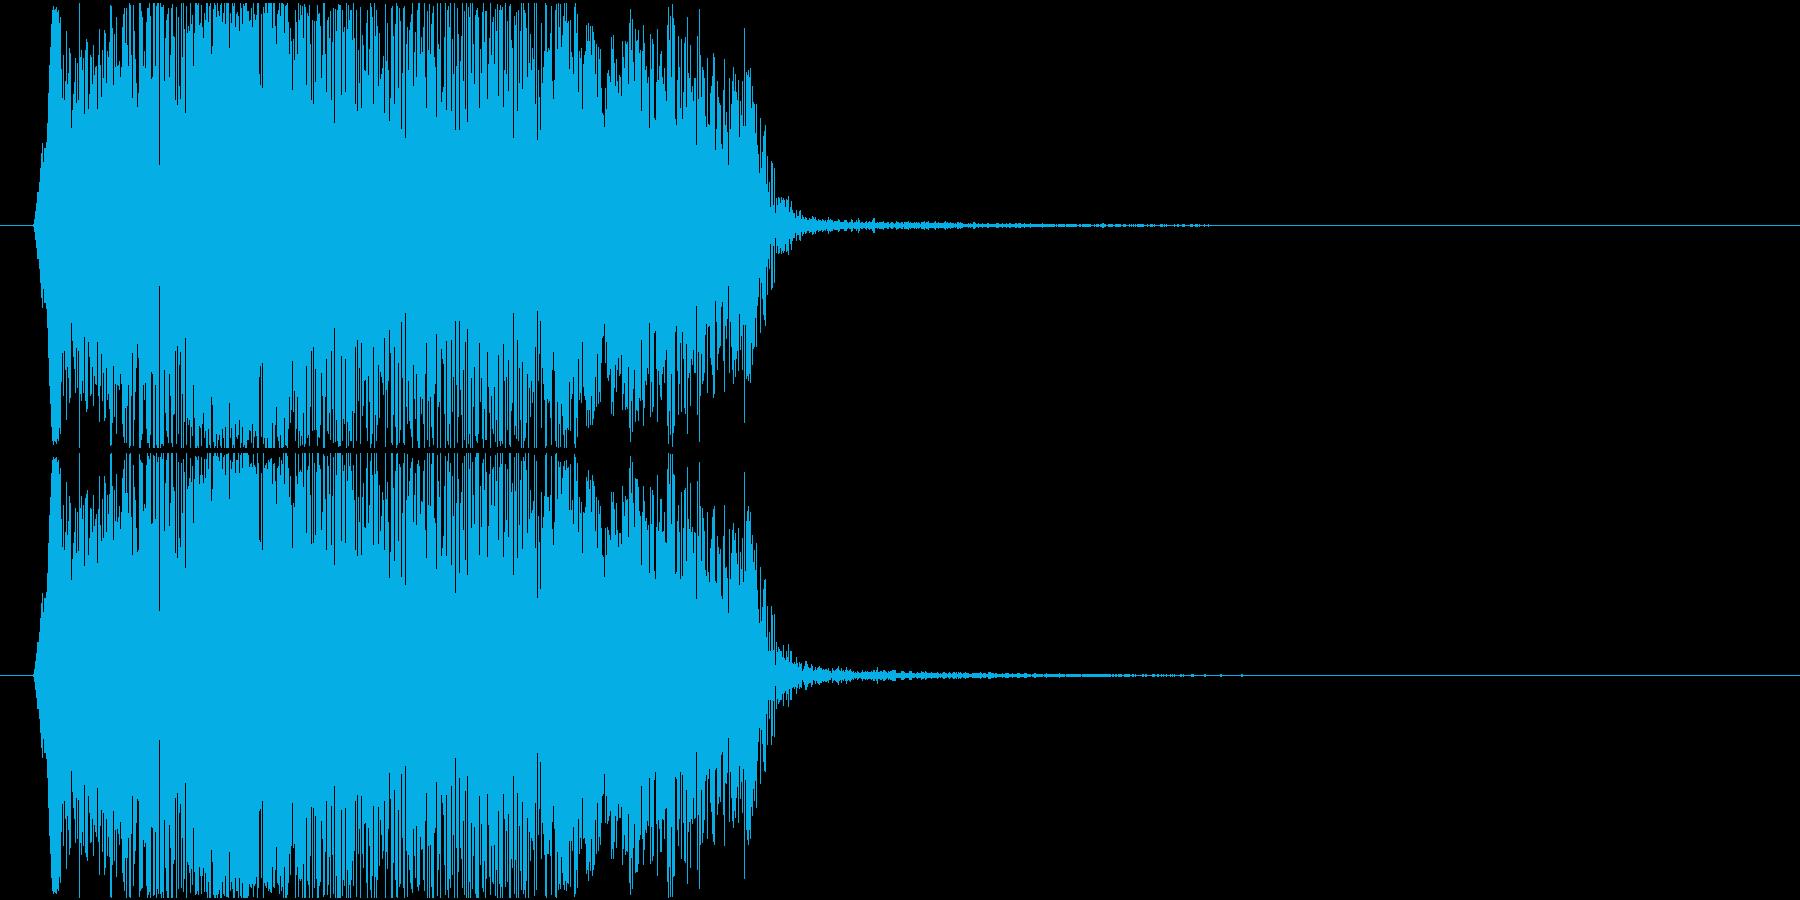 叫び声(あああああ)の再生済みの波形